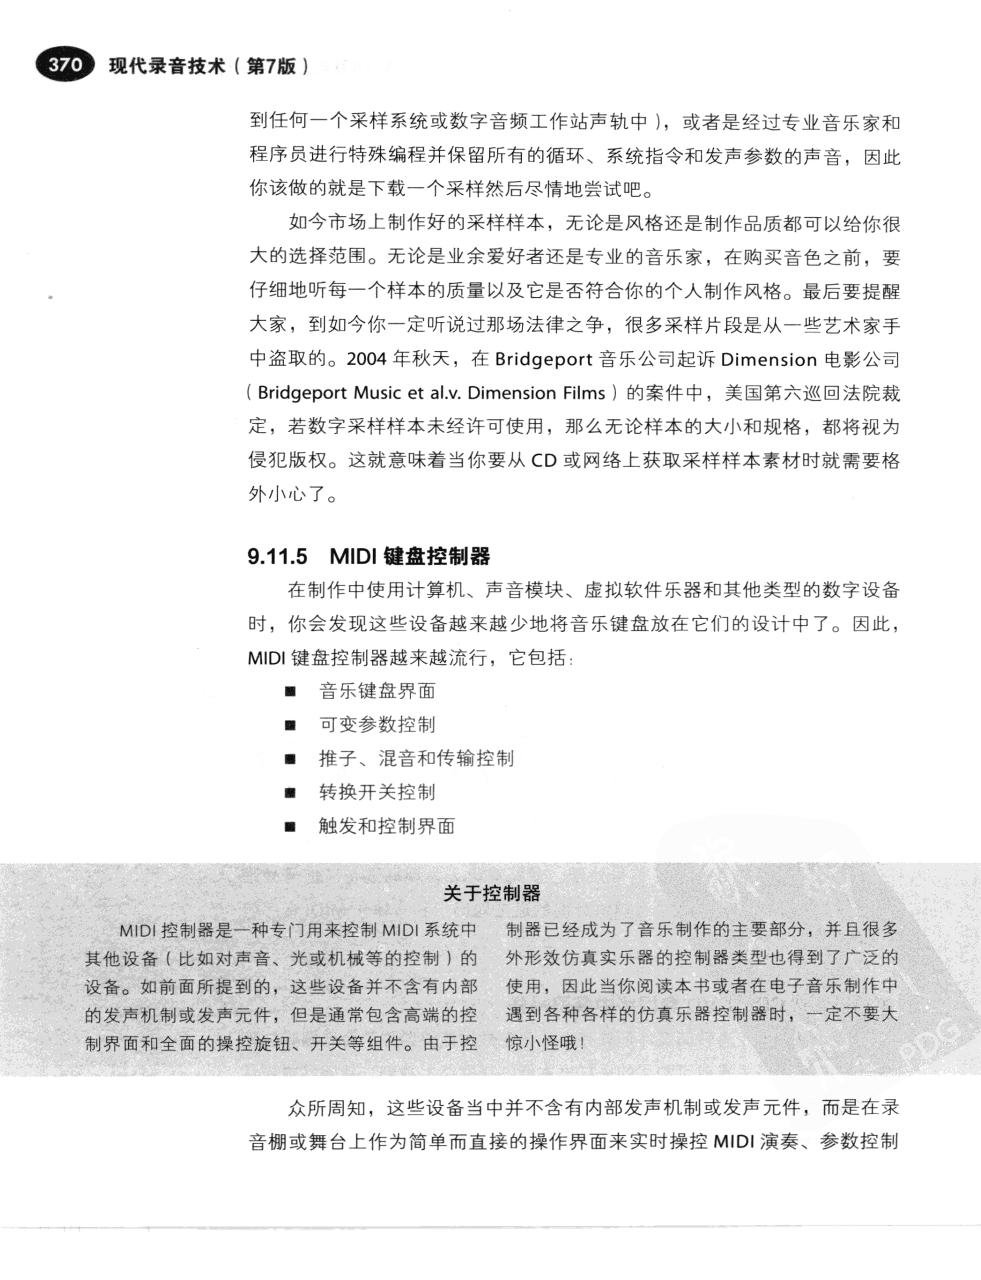 现代录音技术(第7版) 397